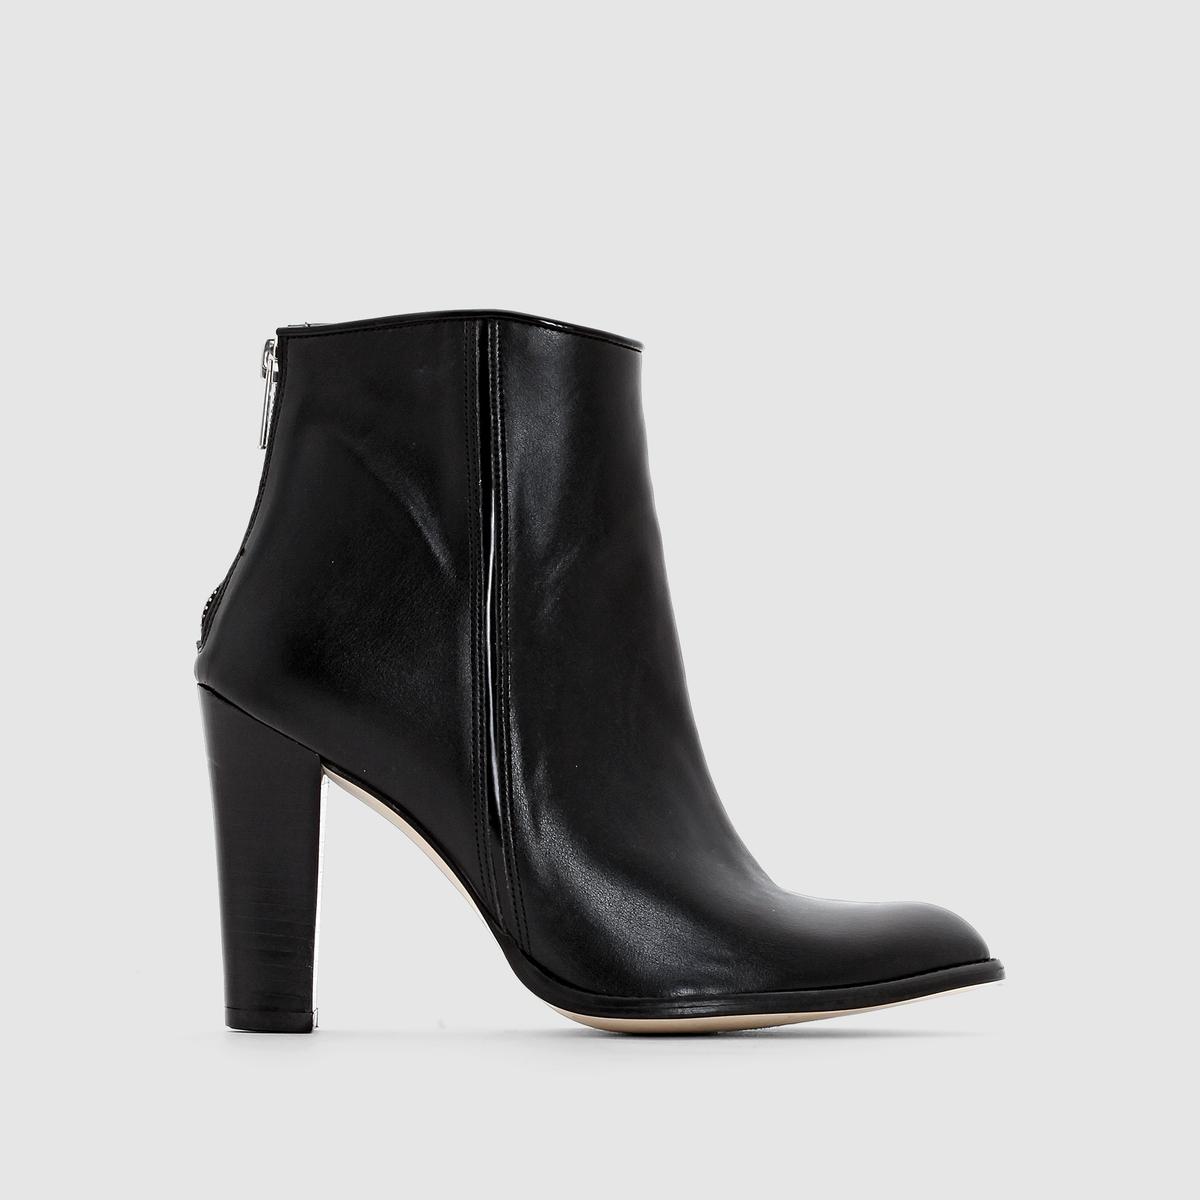 Ботильоны на каблуке, с застежками на молниюСтильные, трендовые ботинки. Высокий и в то же время устойчивый каблук... Наберите высоту в этих великолепных ботинках на каблуках !<br><br>Цвет: черный<br>Размер: 37